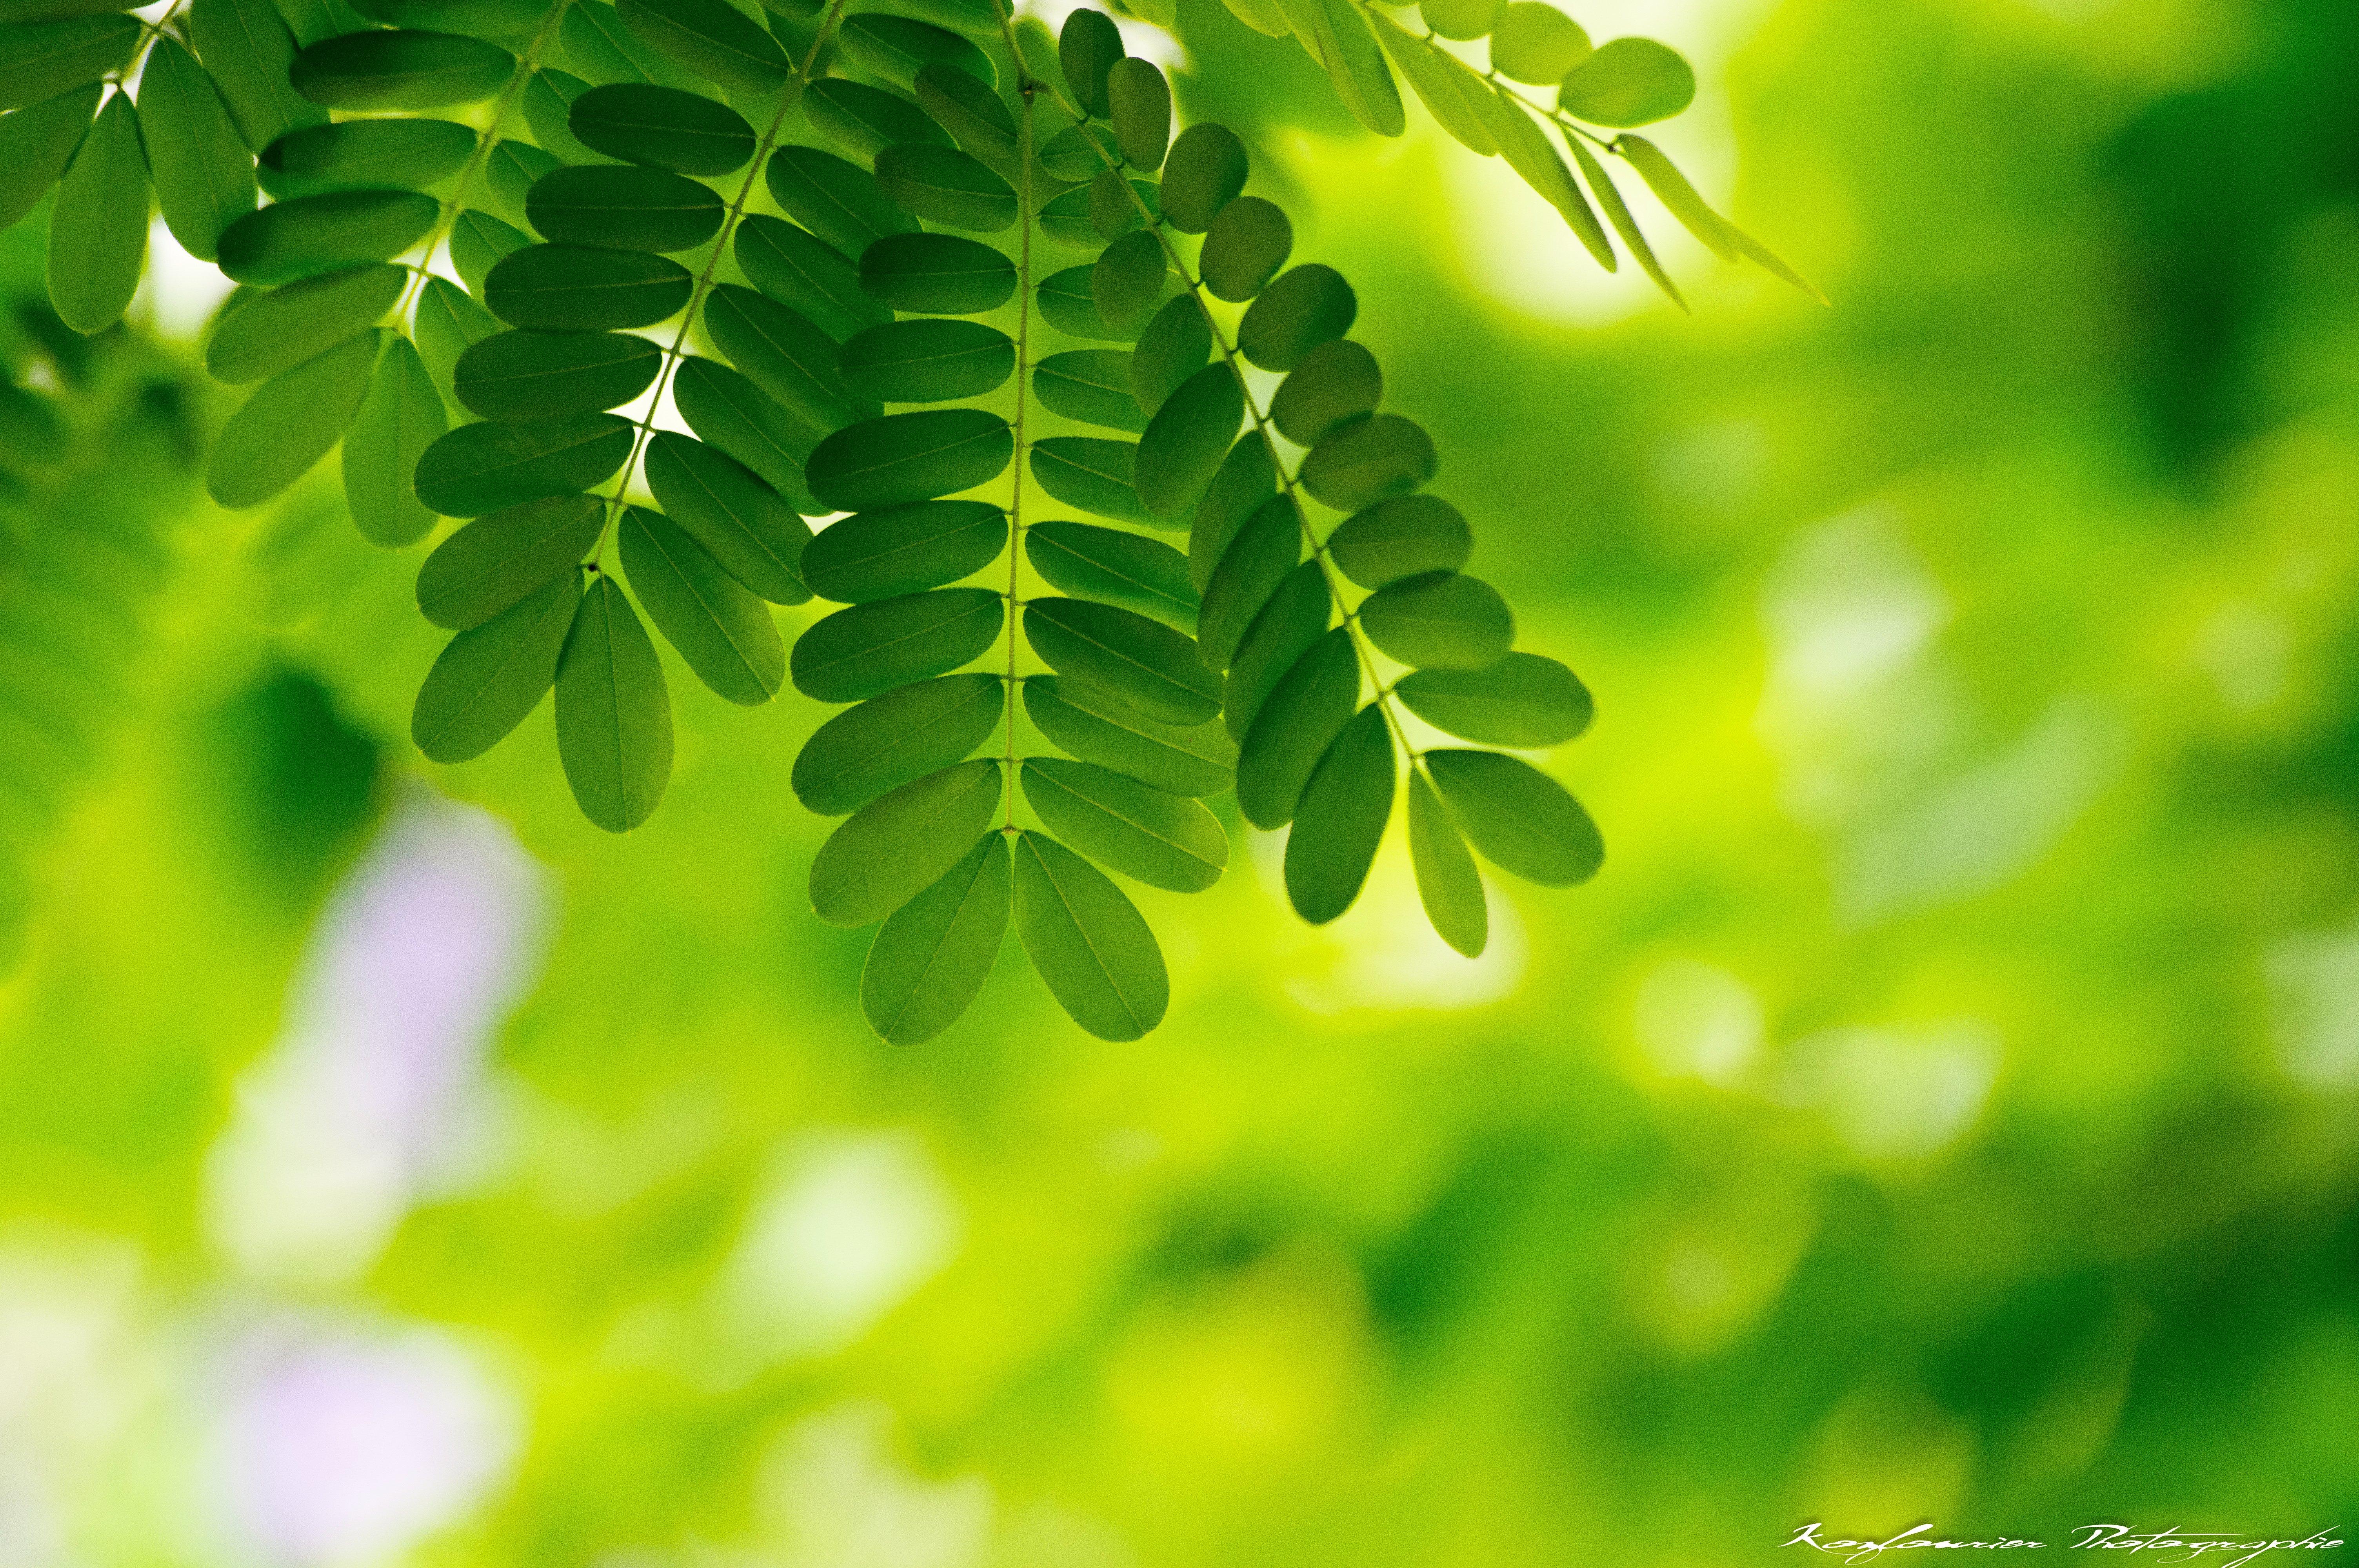 122308 скачать обои Макро, Листья, Растения, Зеленый - заставки и картинки бесплатно